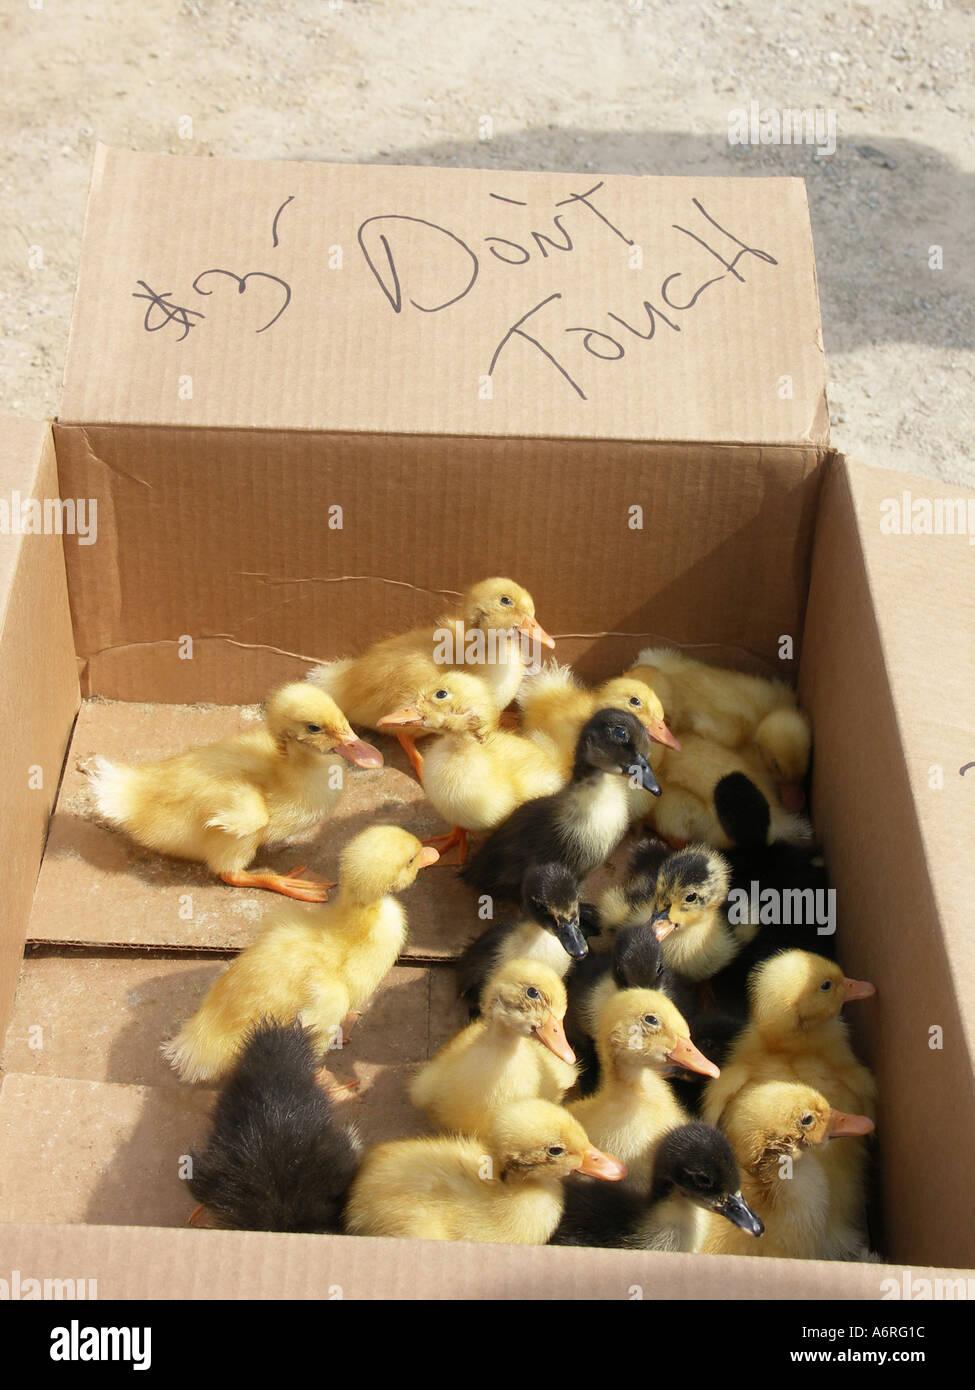 Three Little Yellow Ducks Stock Photos & Three Little Yellow Ducks ...